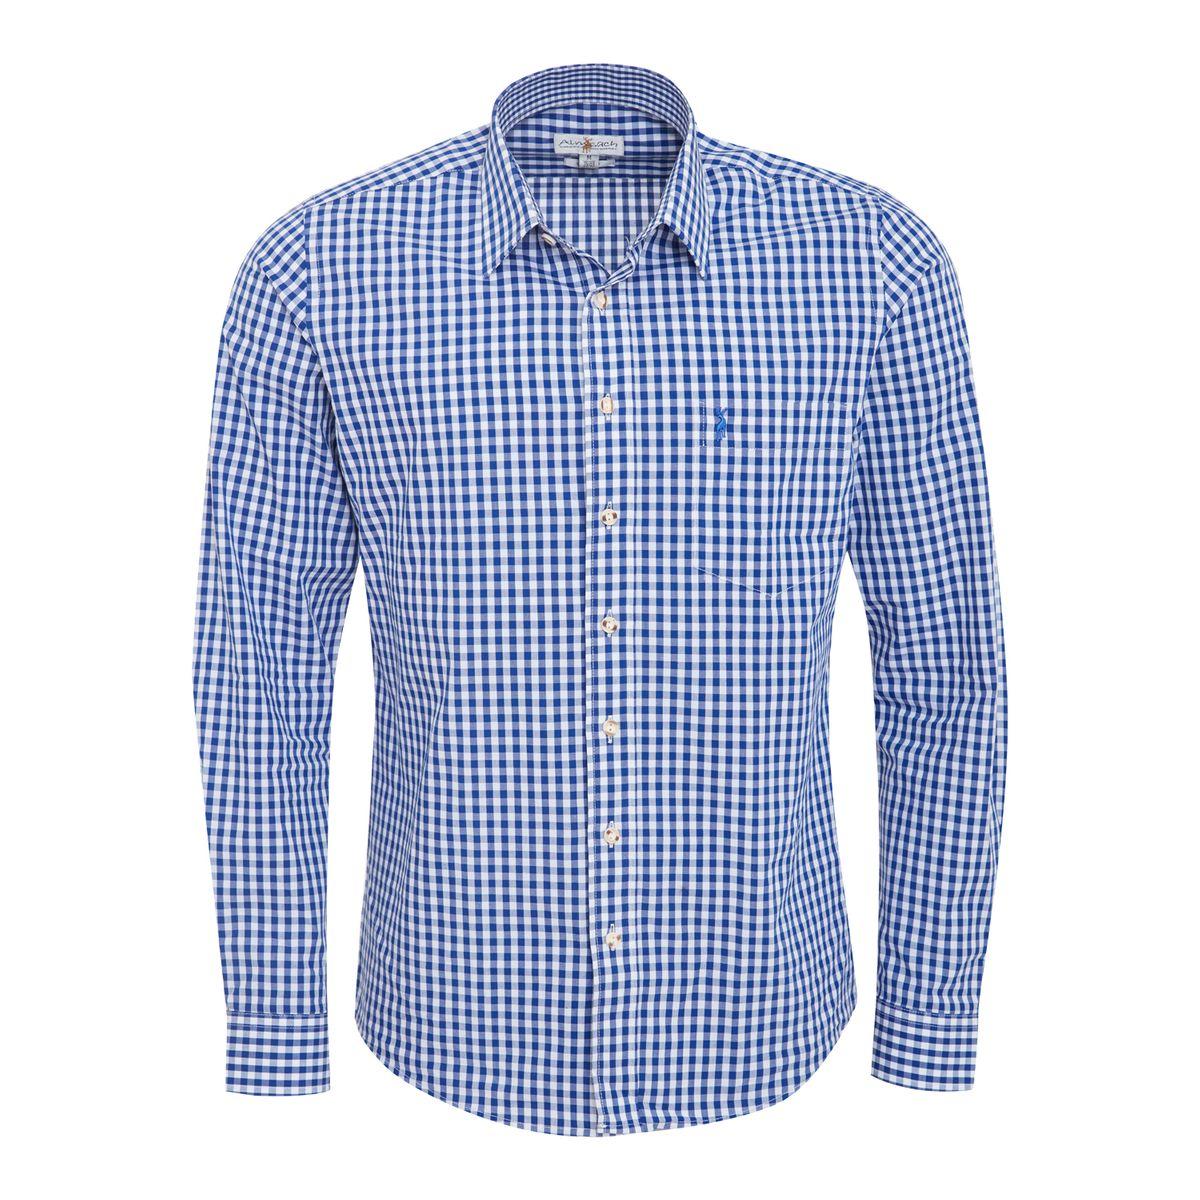 Trachtenhemd Johann Slimline in Blau von Almsach